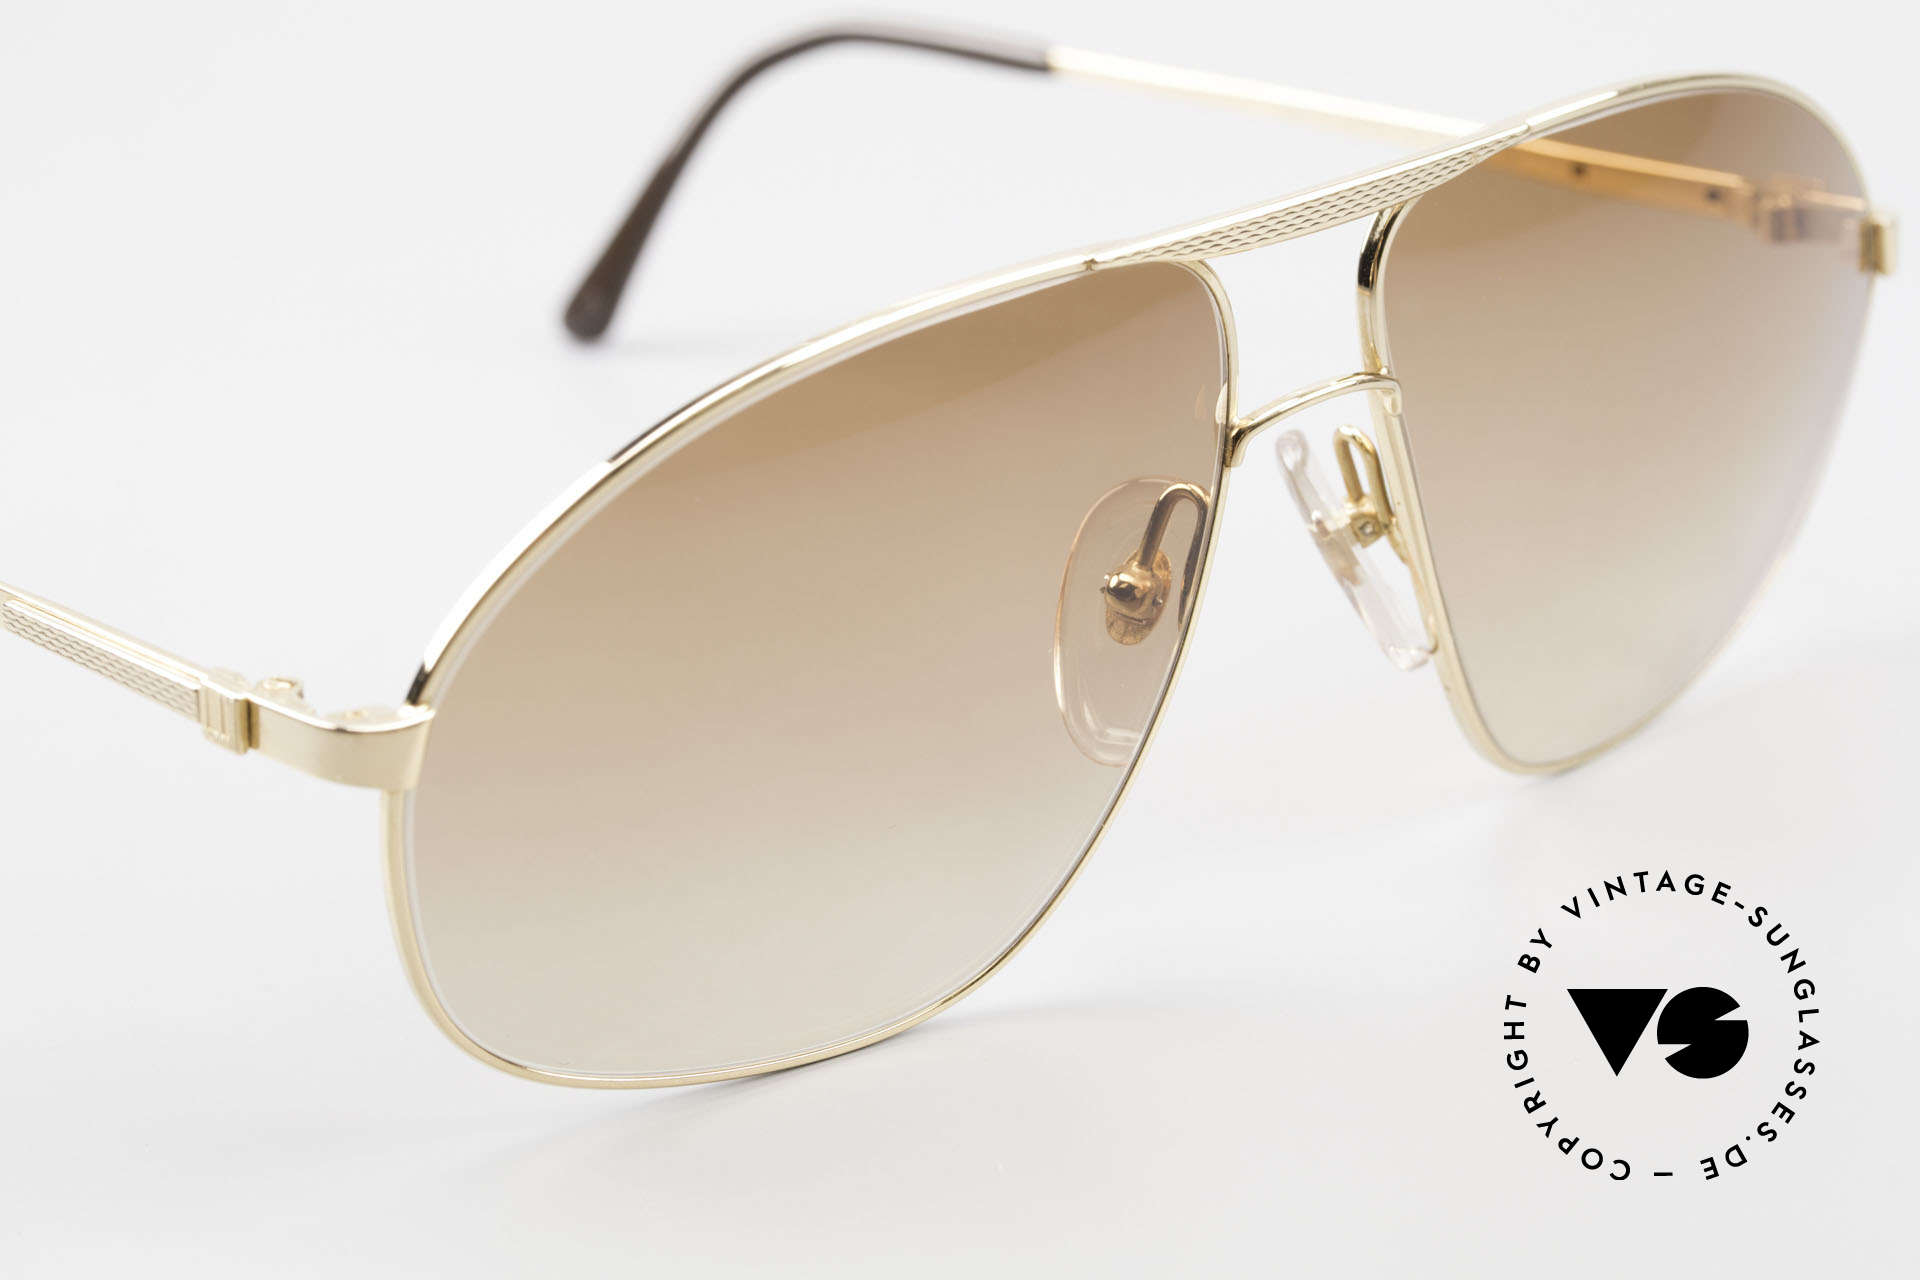 Dunhill 6125 Vergoldete Piloten Brille 90er, ungetragen (wie alle unsere vintage Dunhill Brillen), Passend für Herren